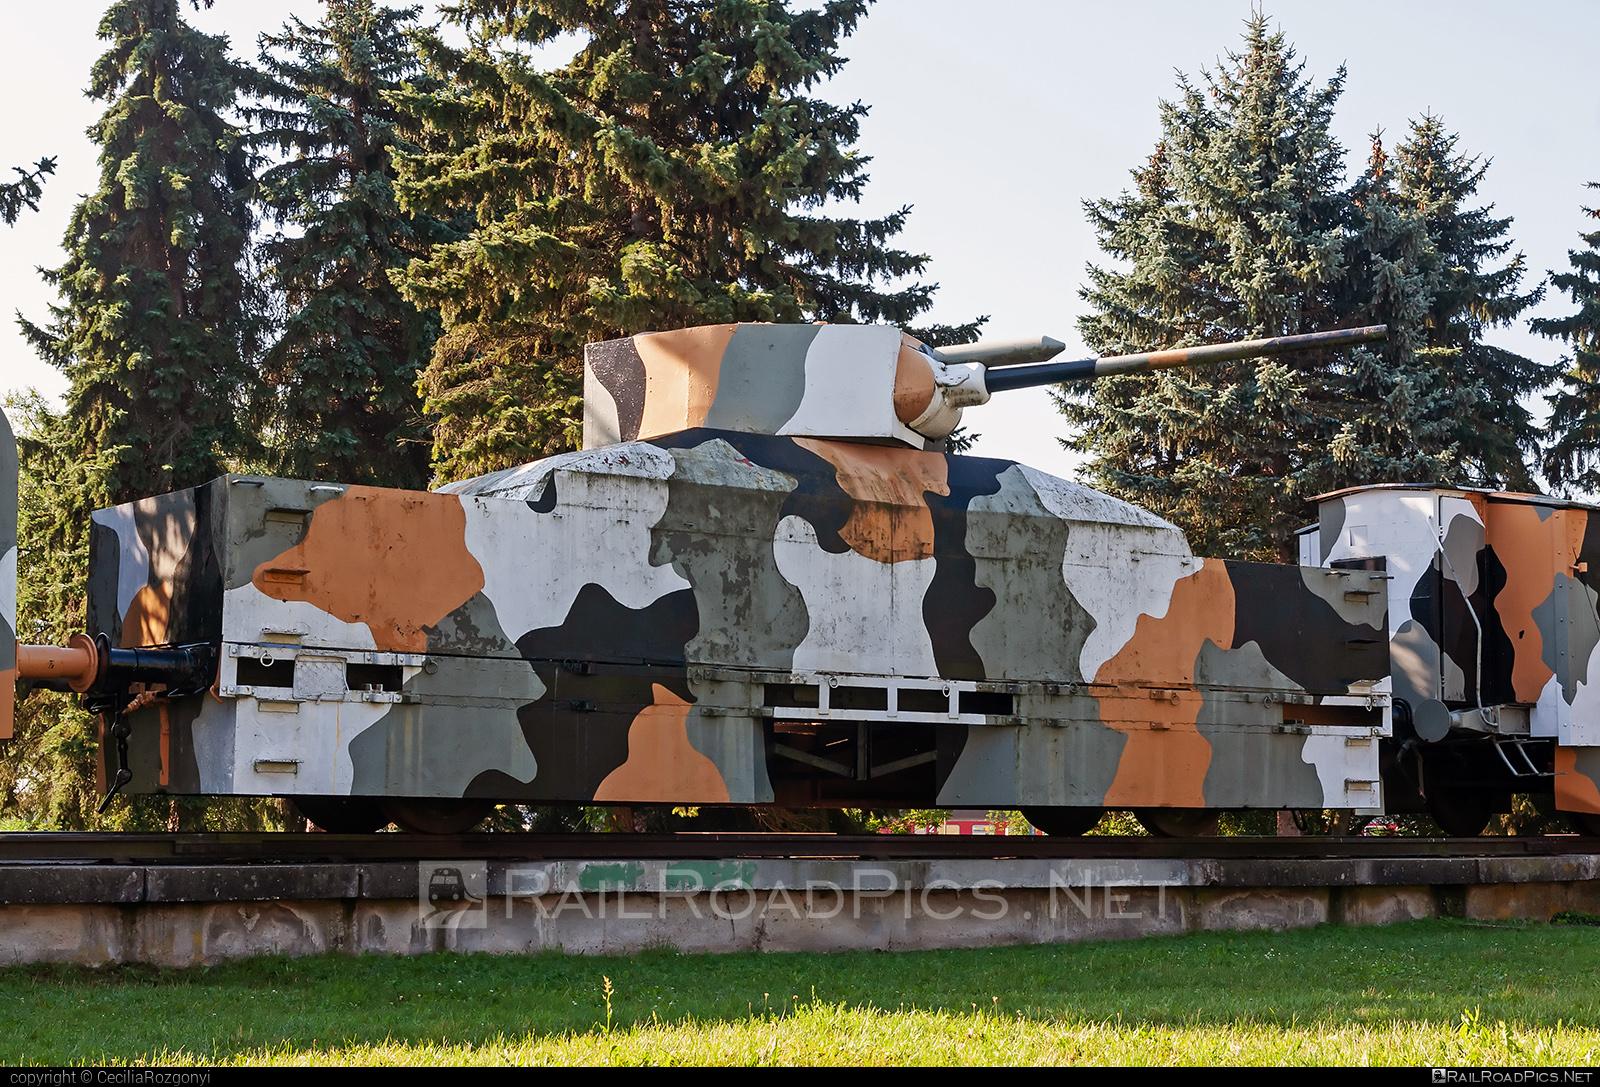 Class Unknown - Unknown - Armored train `Hurban` (replica) - No vehicle ID operated by None #armoredtrain #armoredtrainhurban